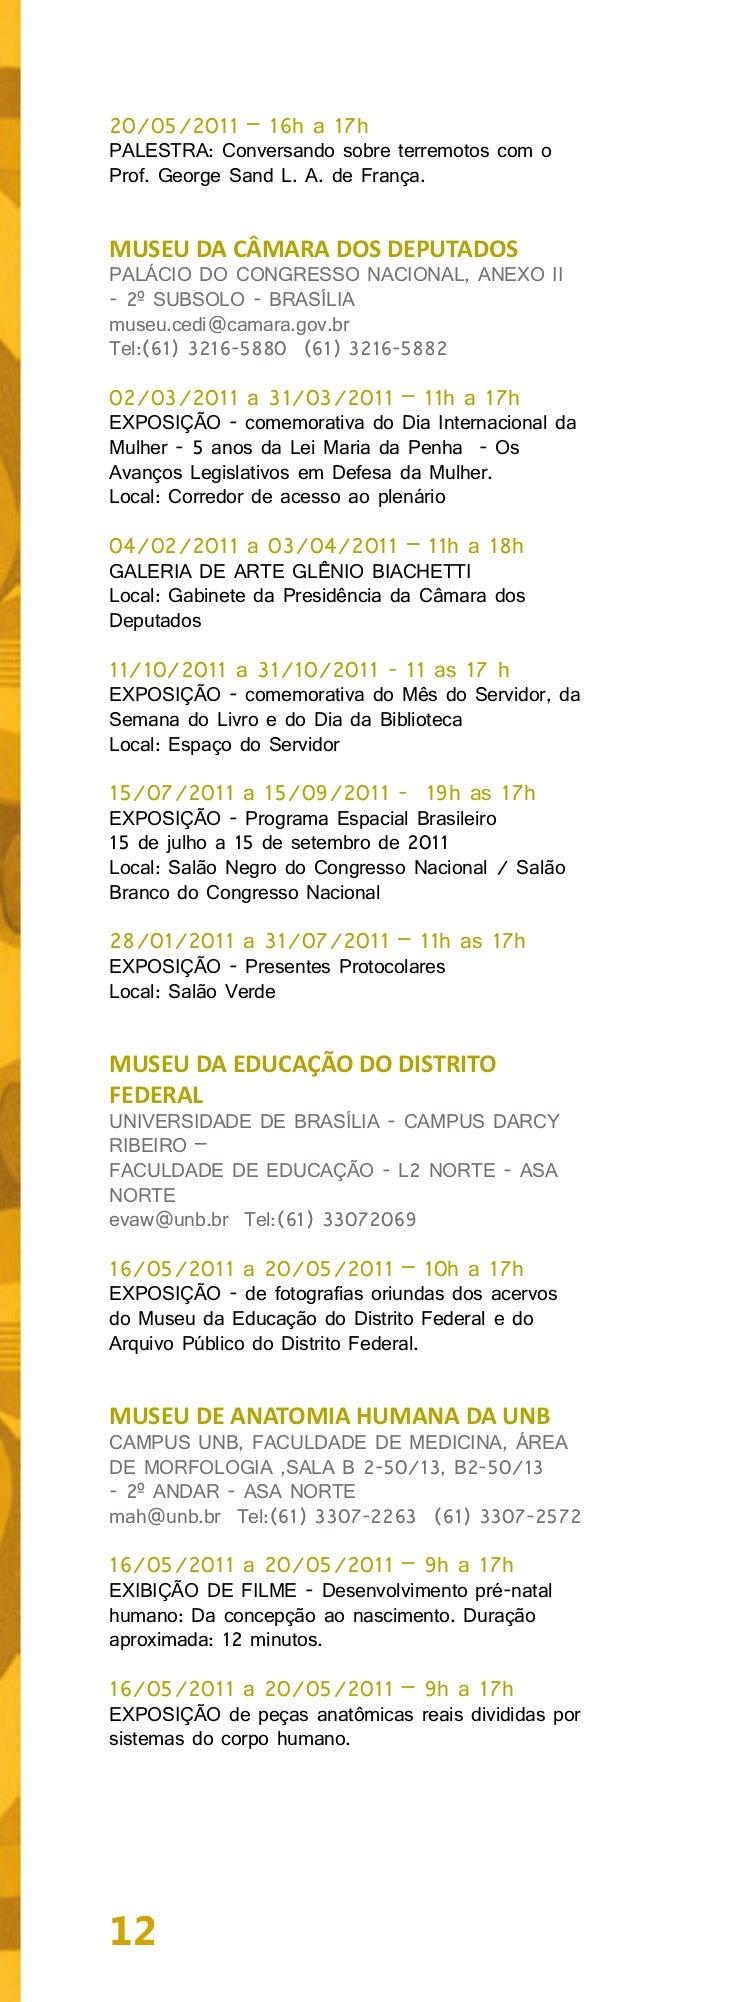 MUSEU DE EMBRIOLOGIA E ANATOMIABERNARD DUHAMEL DA FACIPLACSIGA AREA ESPECIAL, Nº 2 - SETOR LESTEGAMAmuseufaciplac@gmail.co...